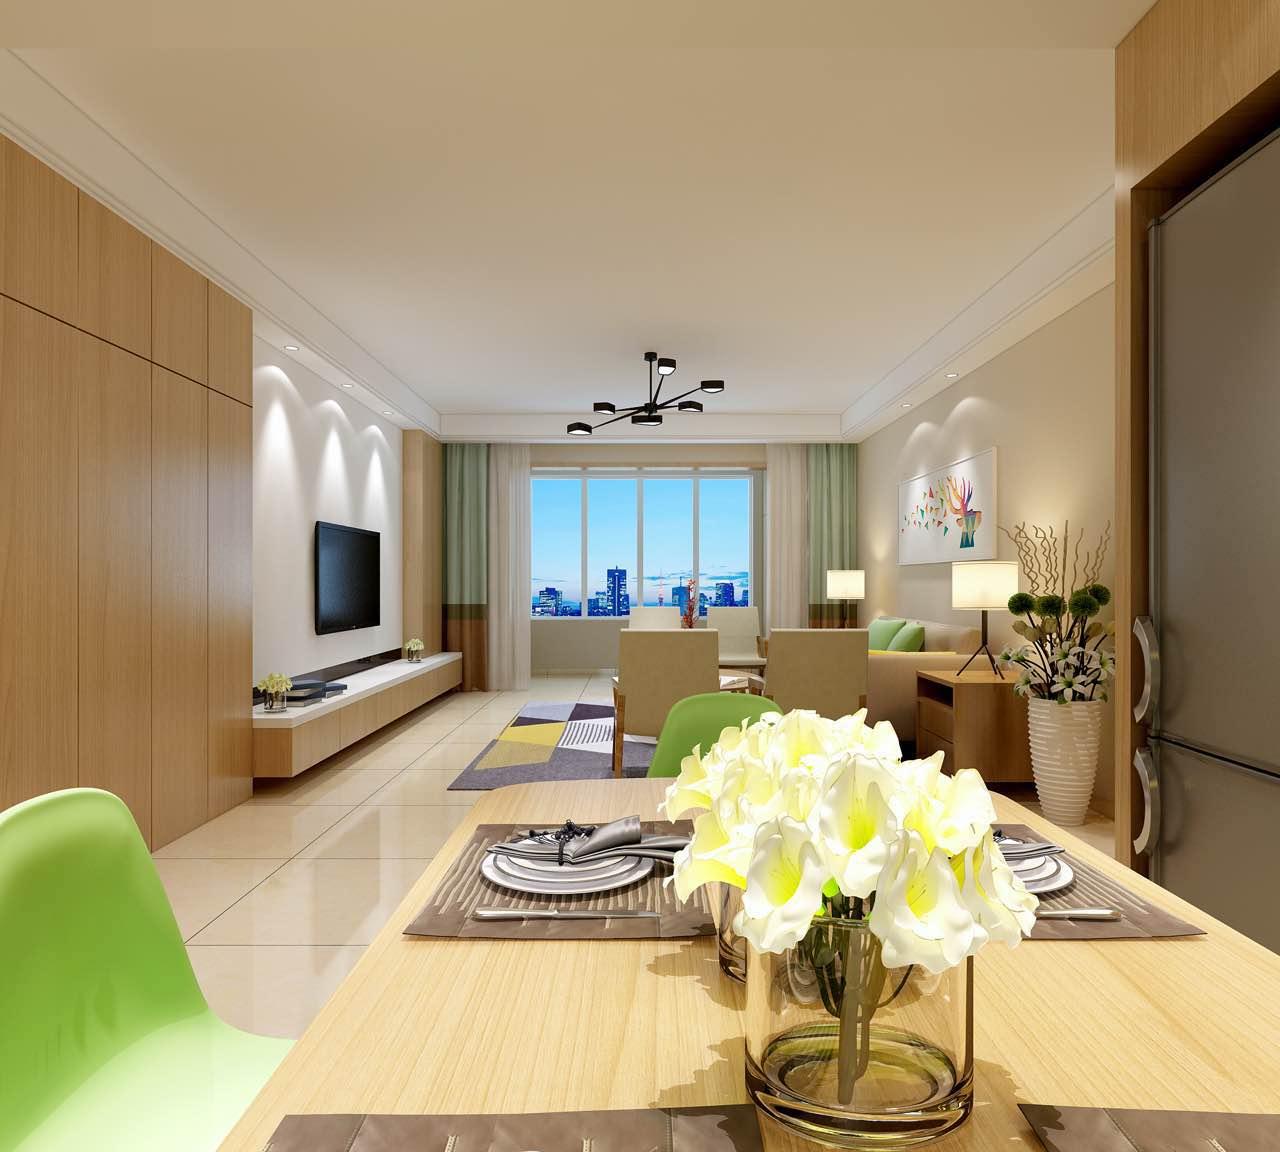 【呼市实创装饰】玉锦轩小区|140平米现代风格/经典装修案例